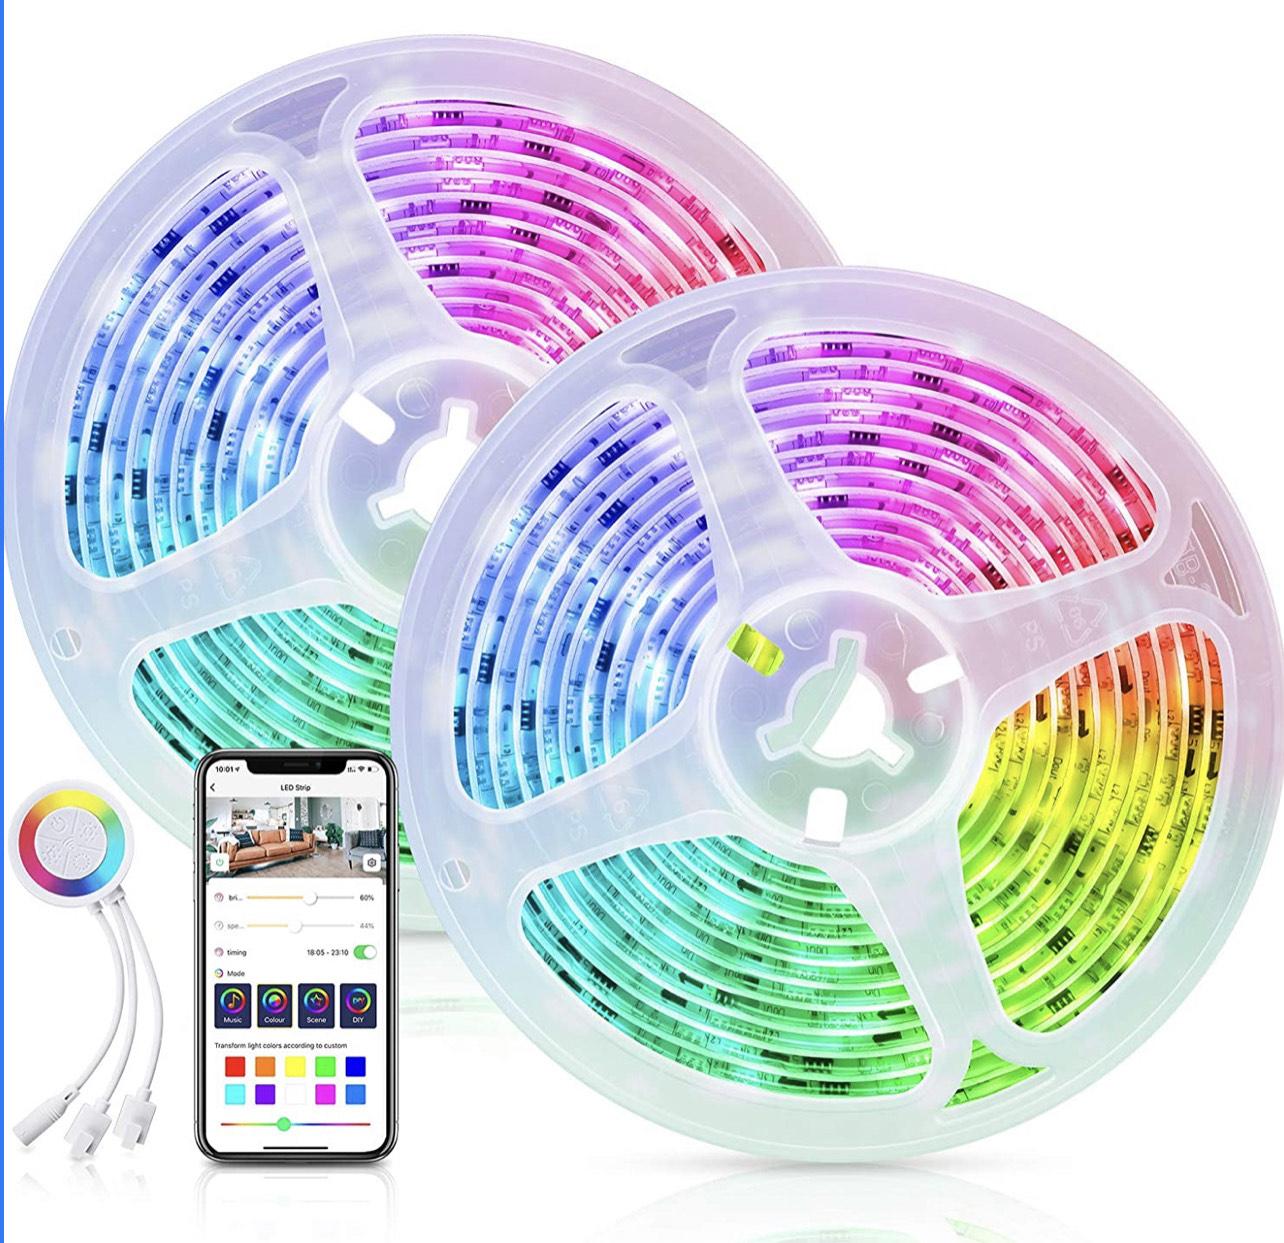 Ruban LED Maxcio Dreamcouleur 10m - Couleur par segmentation, WiFi (Vendeur tiers)